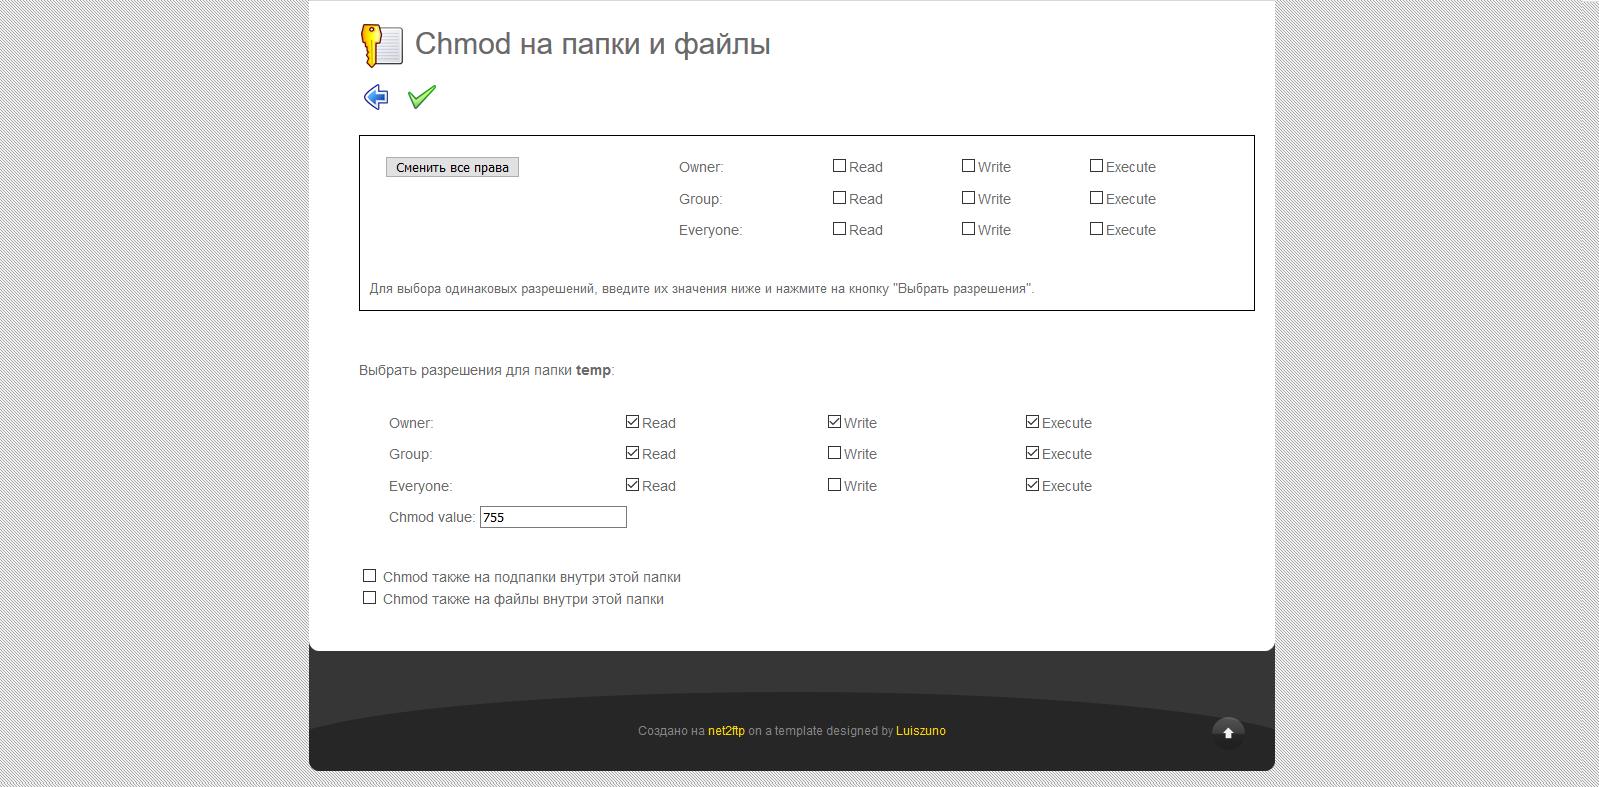 Управление правами(chmod)